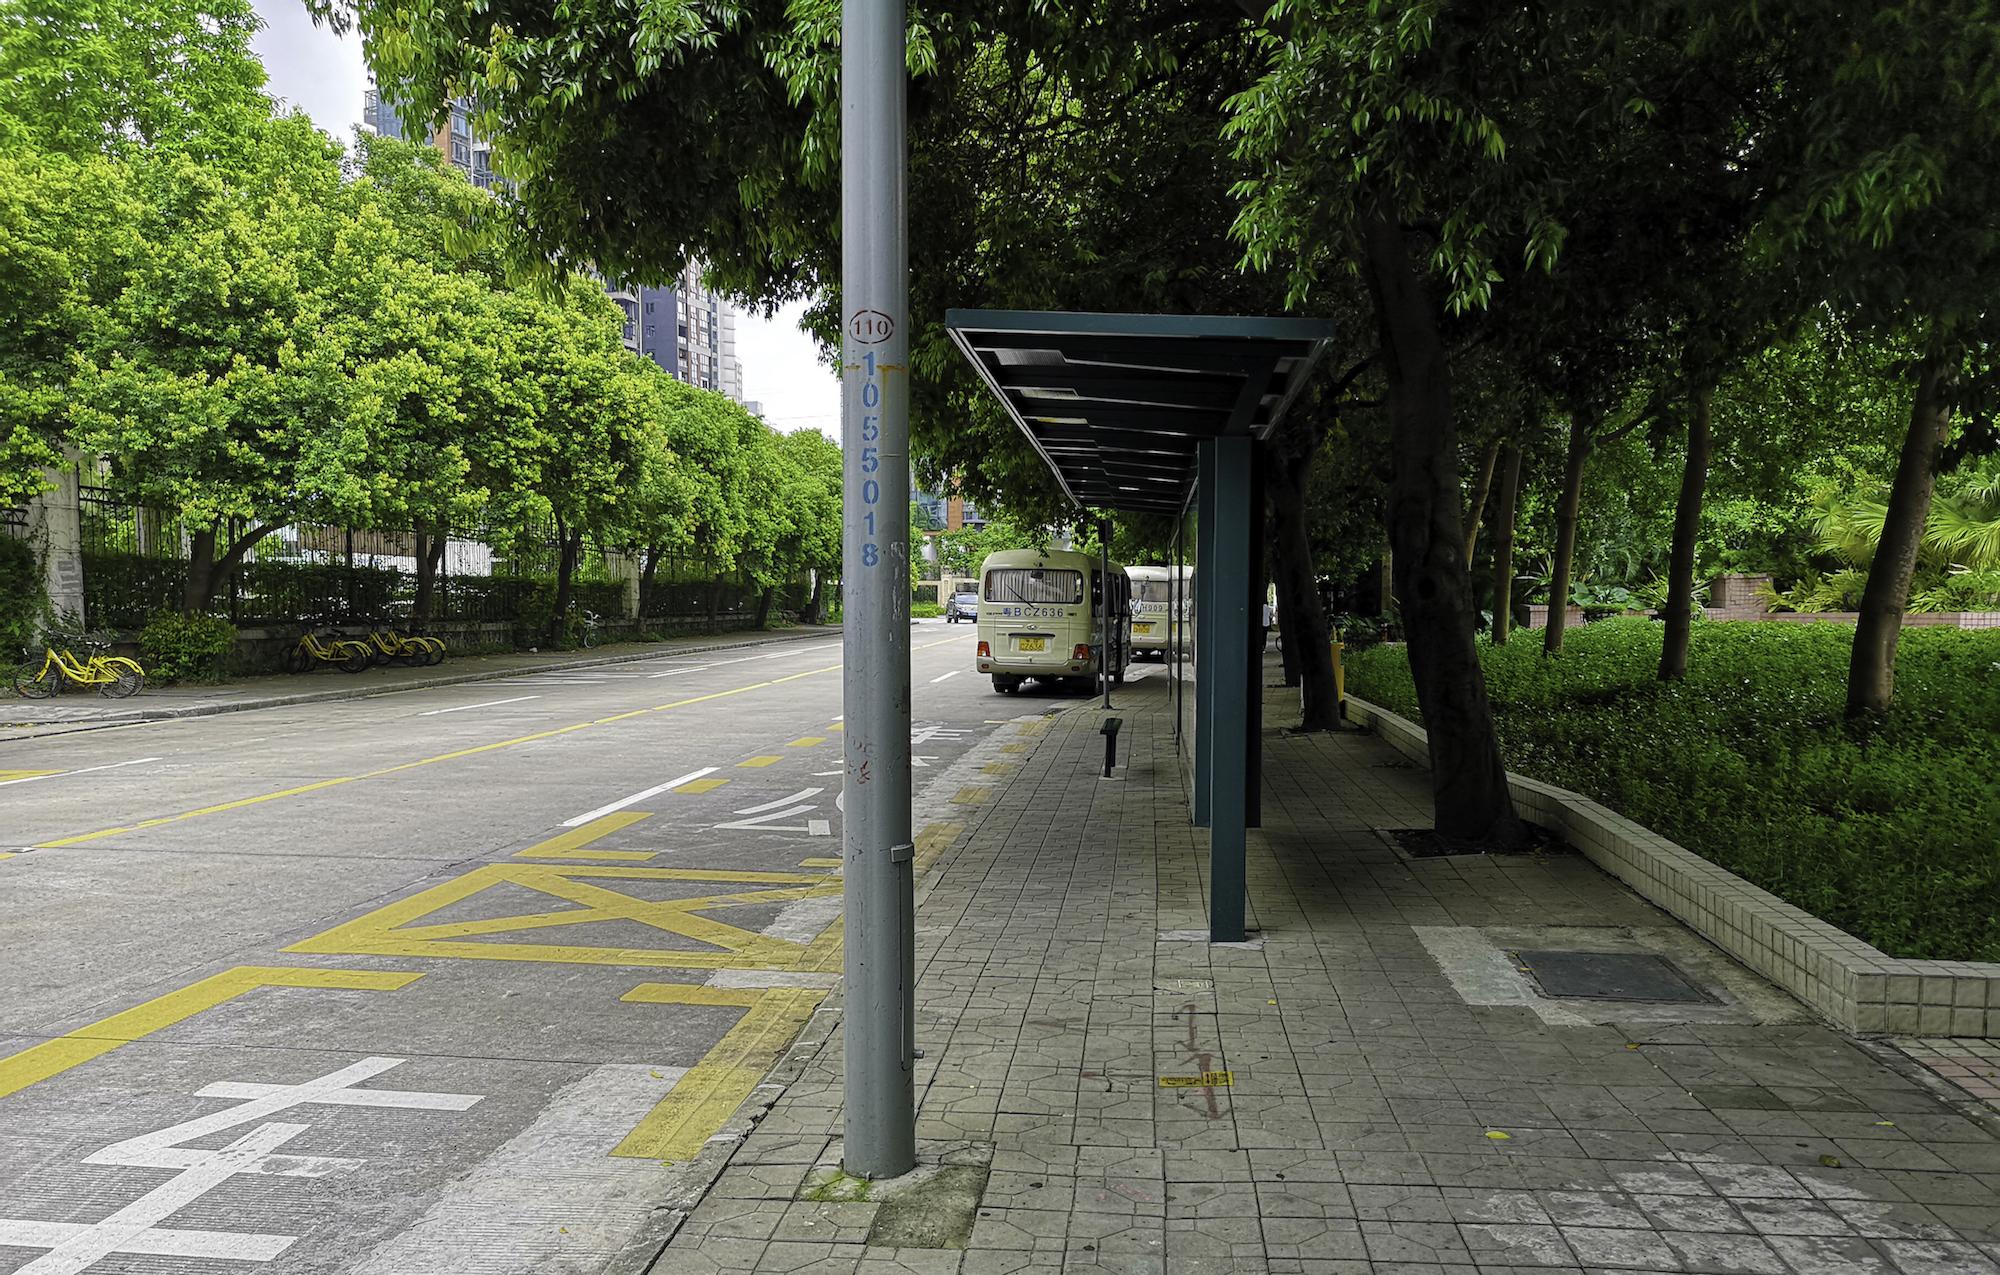 Shenzhen-Bus-Stop